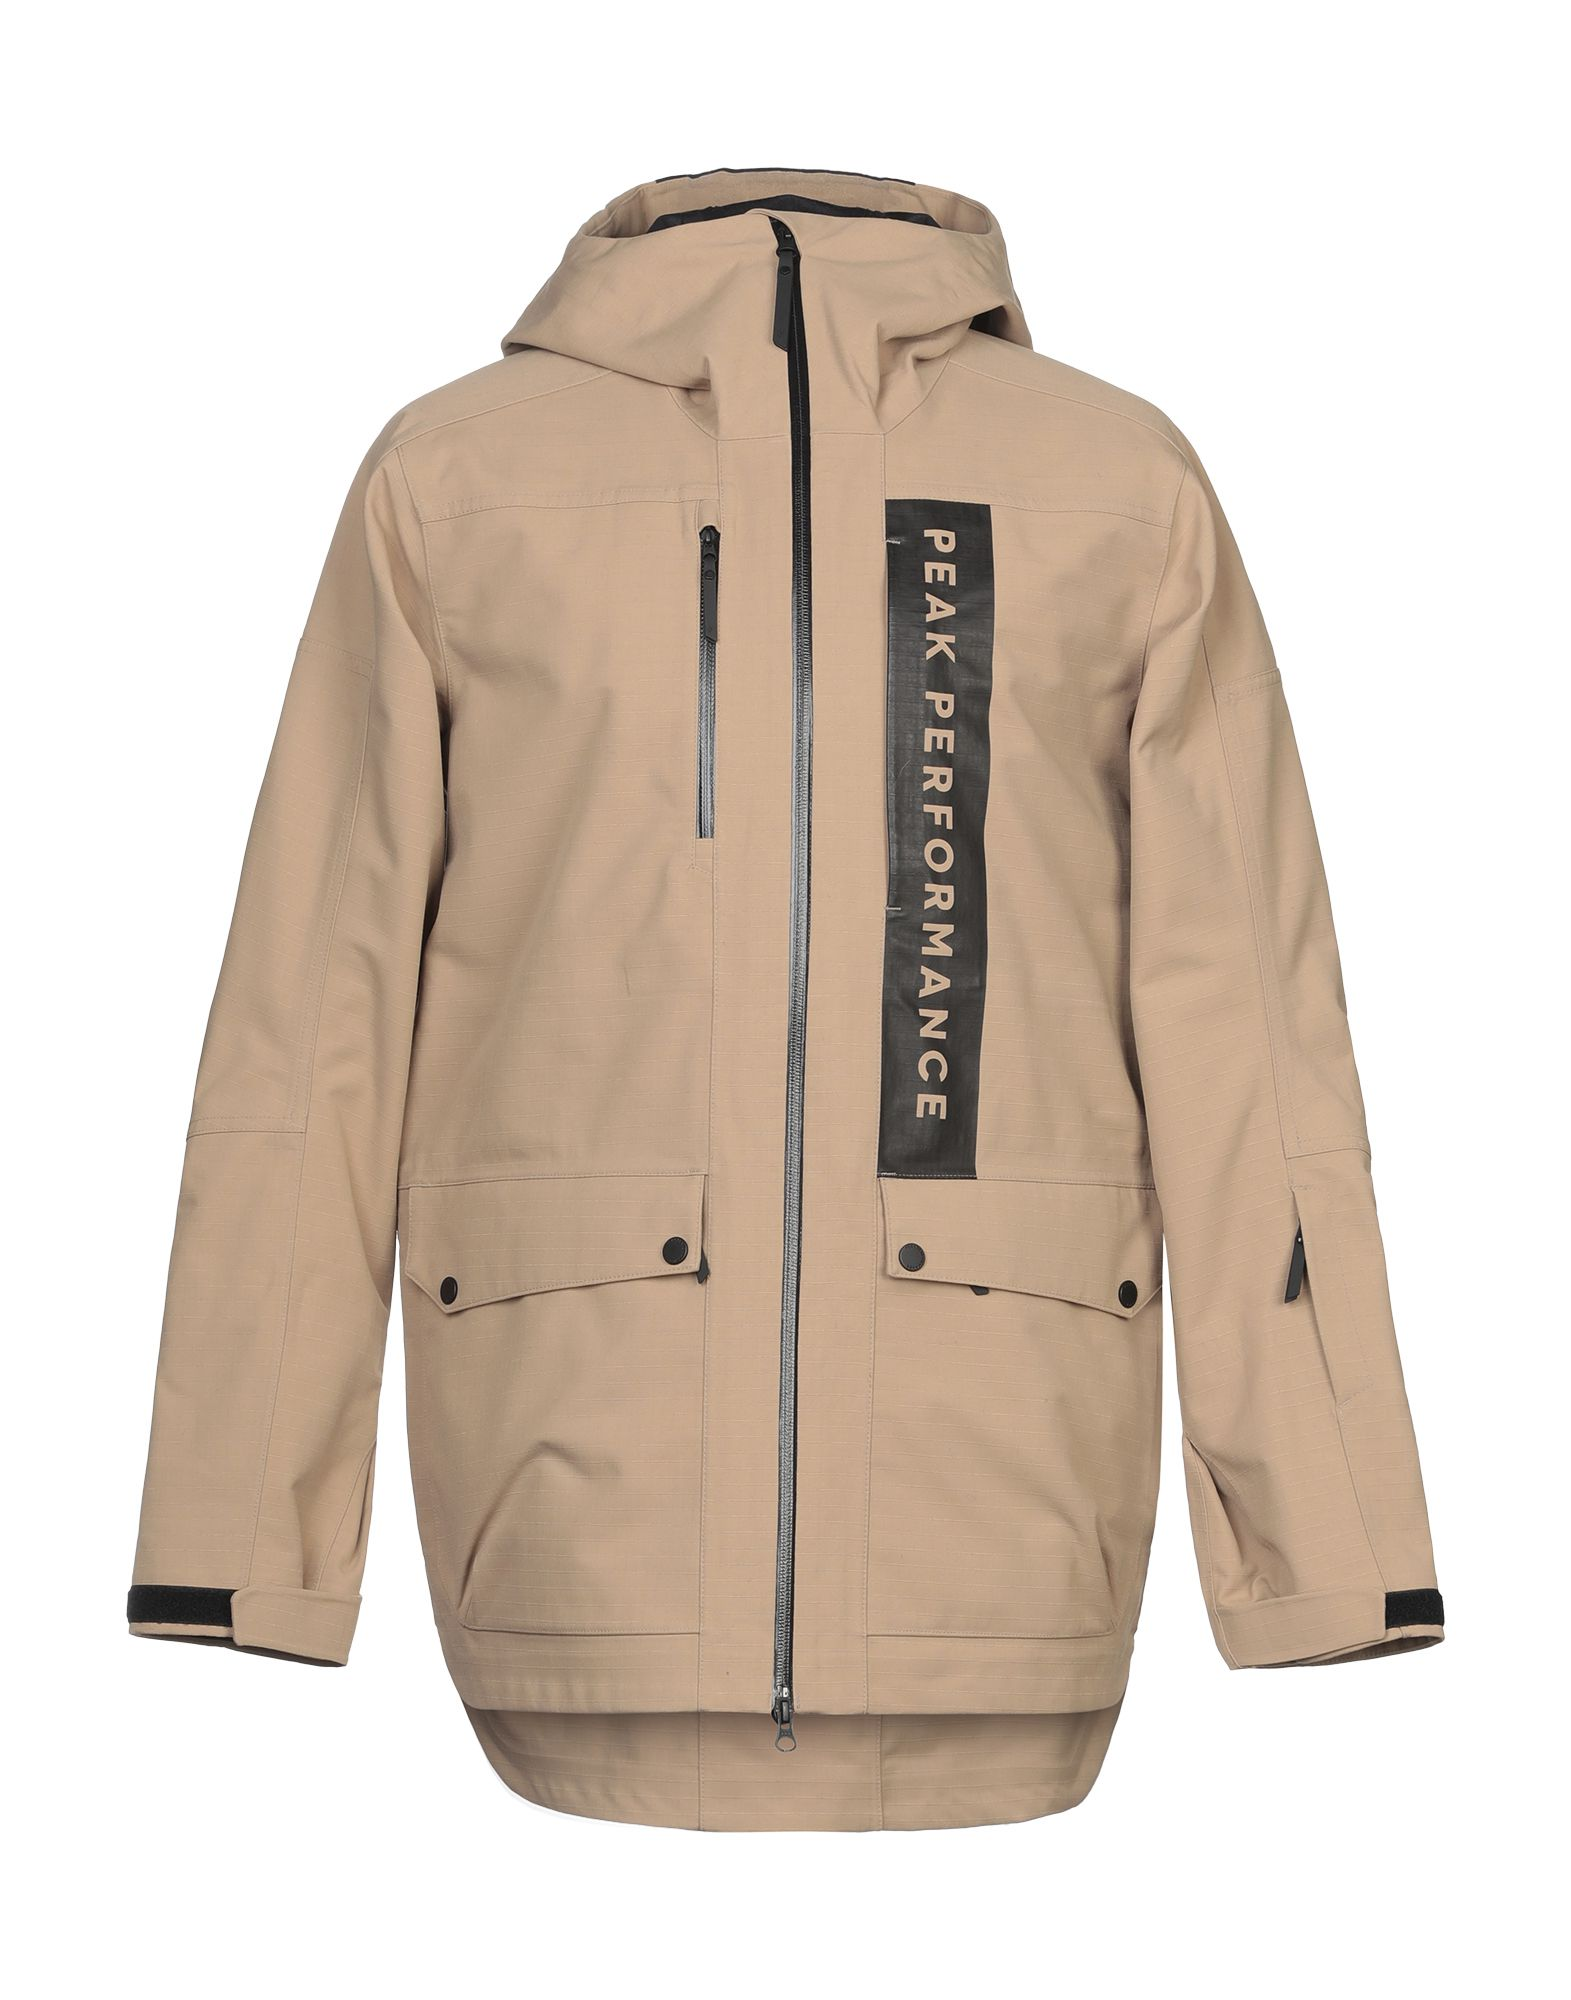 PEAK PERFORMANCE Куртка куртка peak performance peak performance heli gravity женская